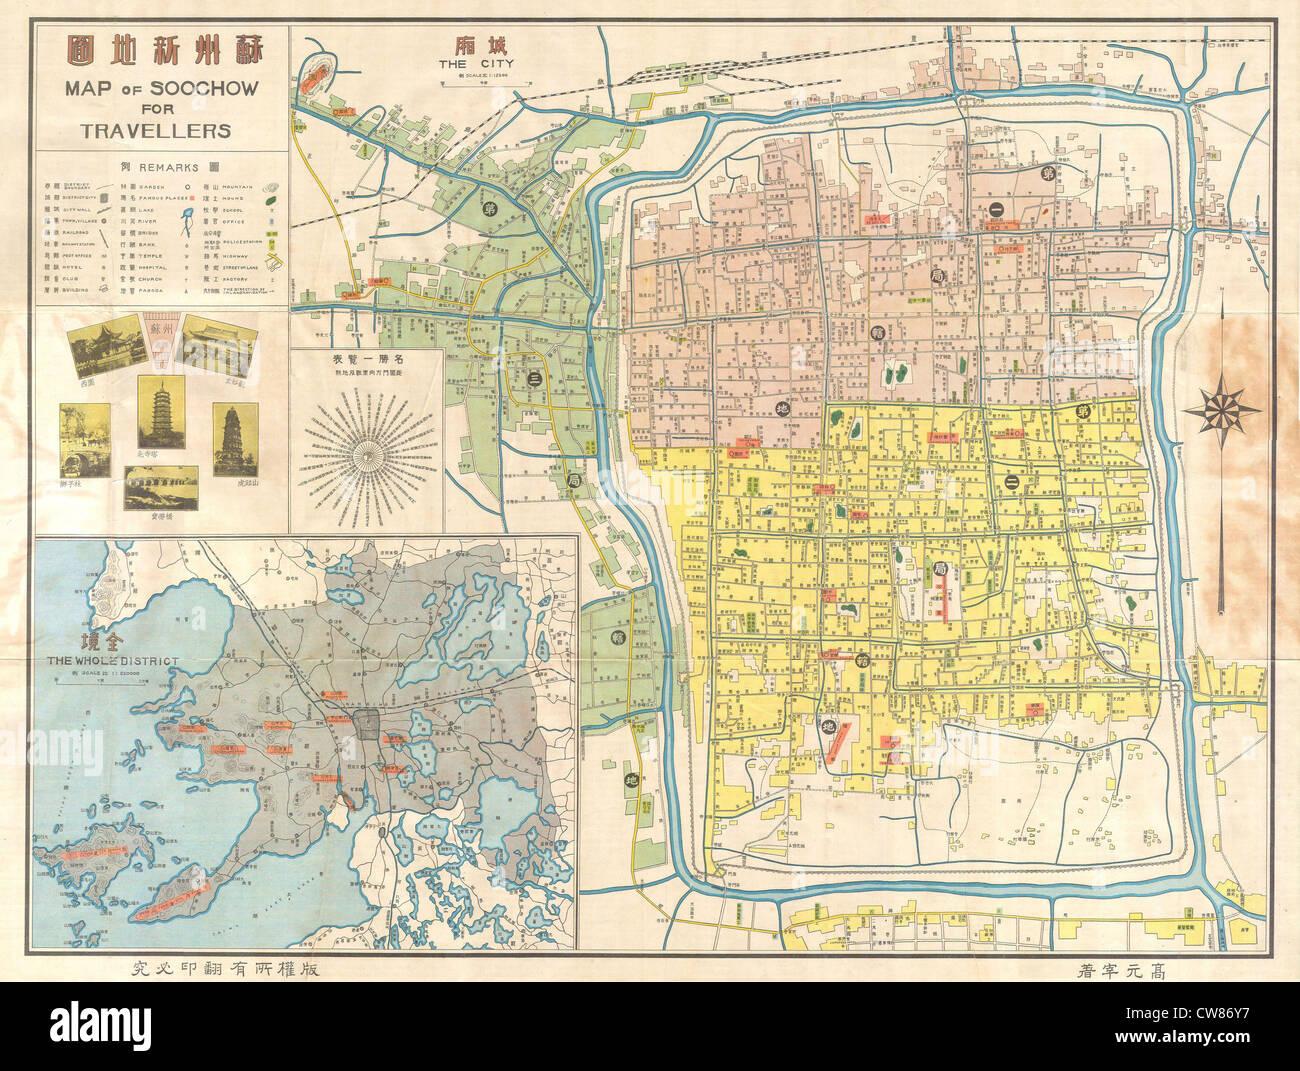 1931 WenYi Mappa di SooChow o Suzhou, Cina Immagini Stock